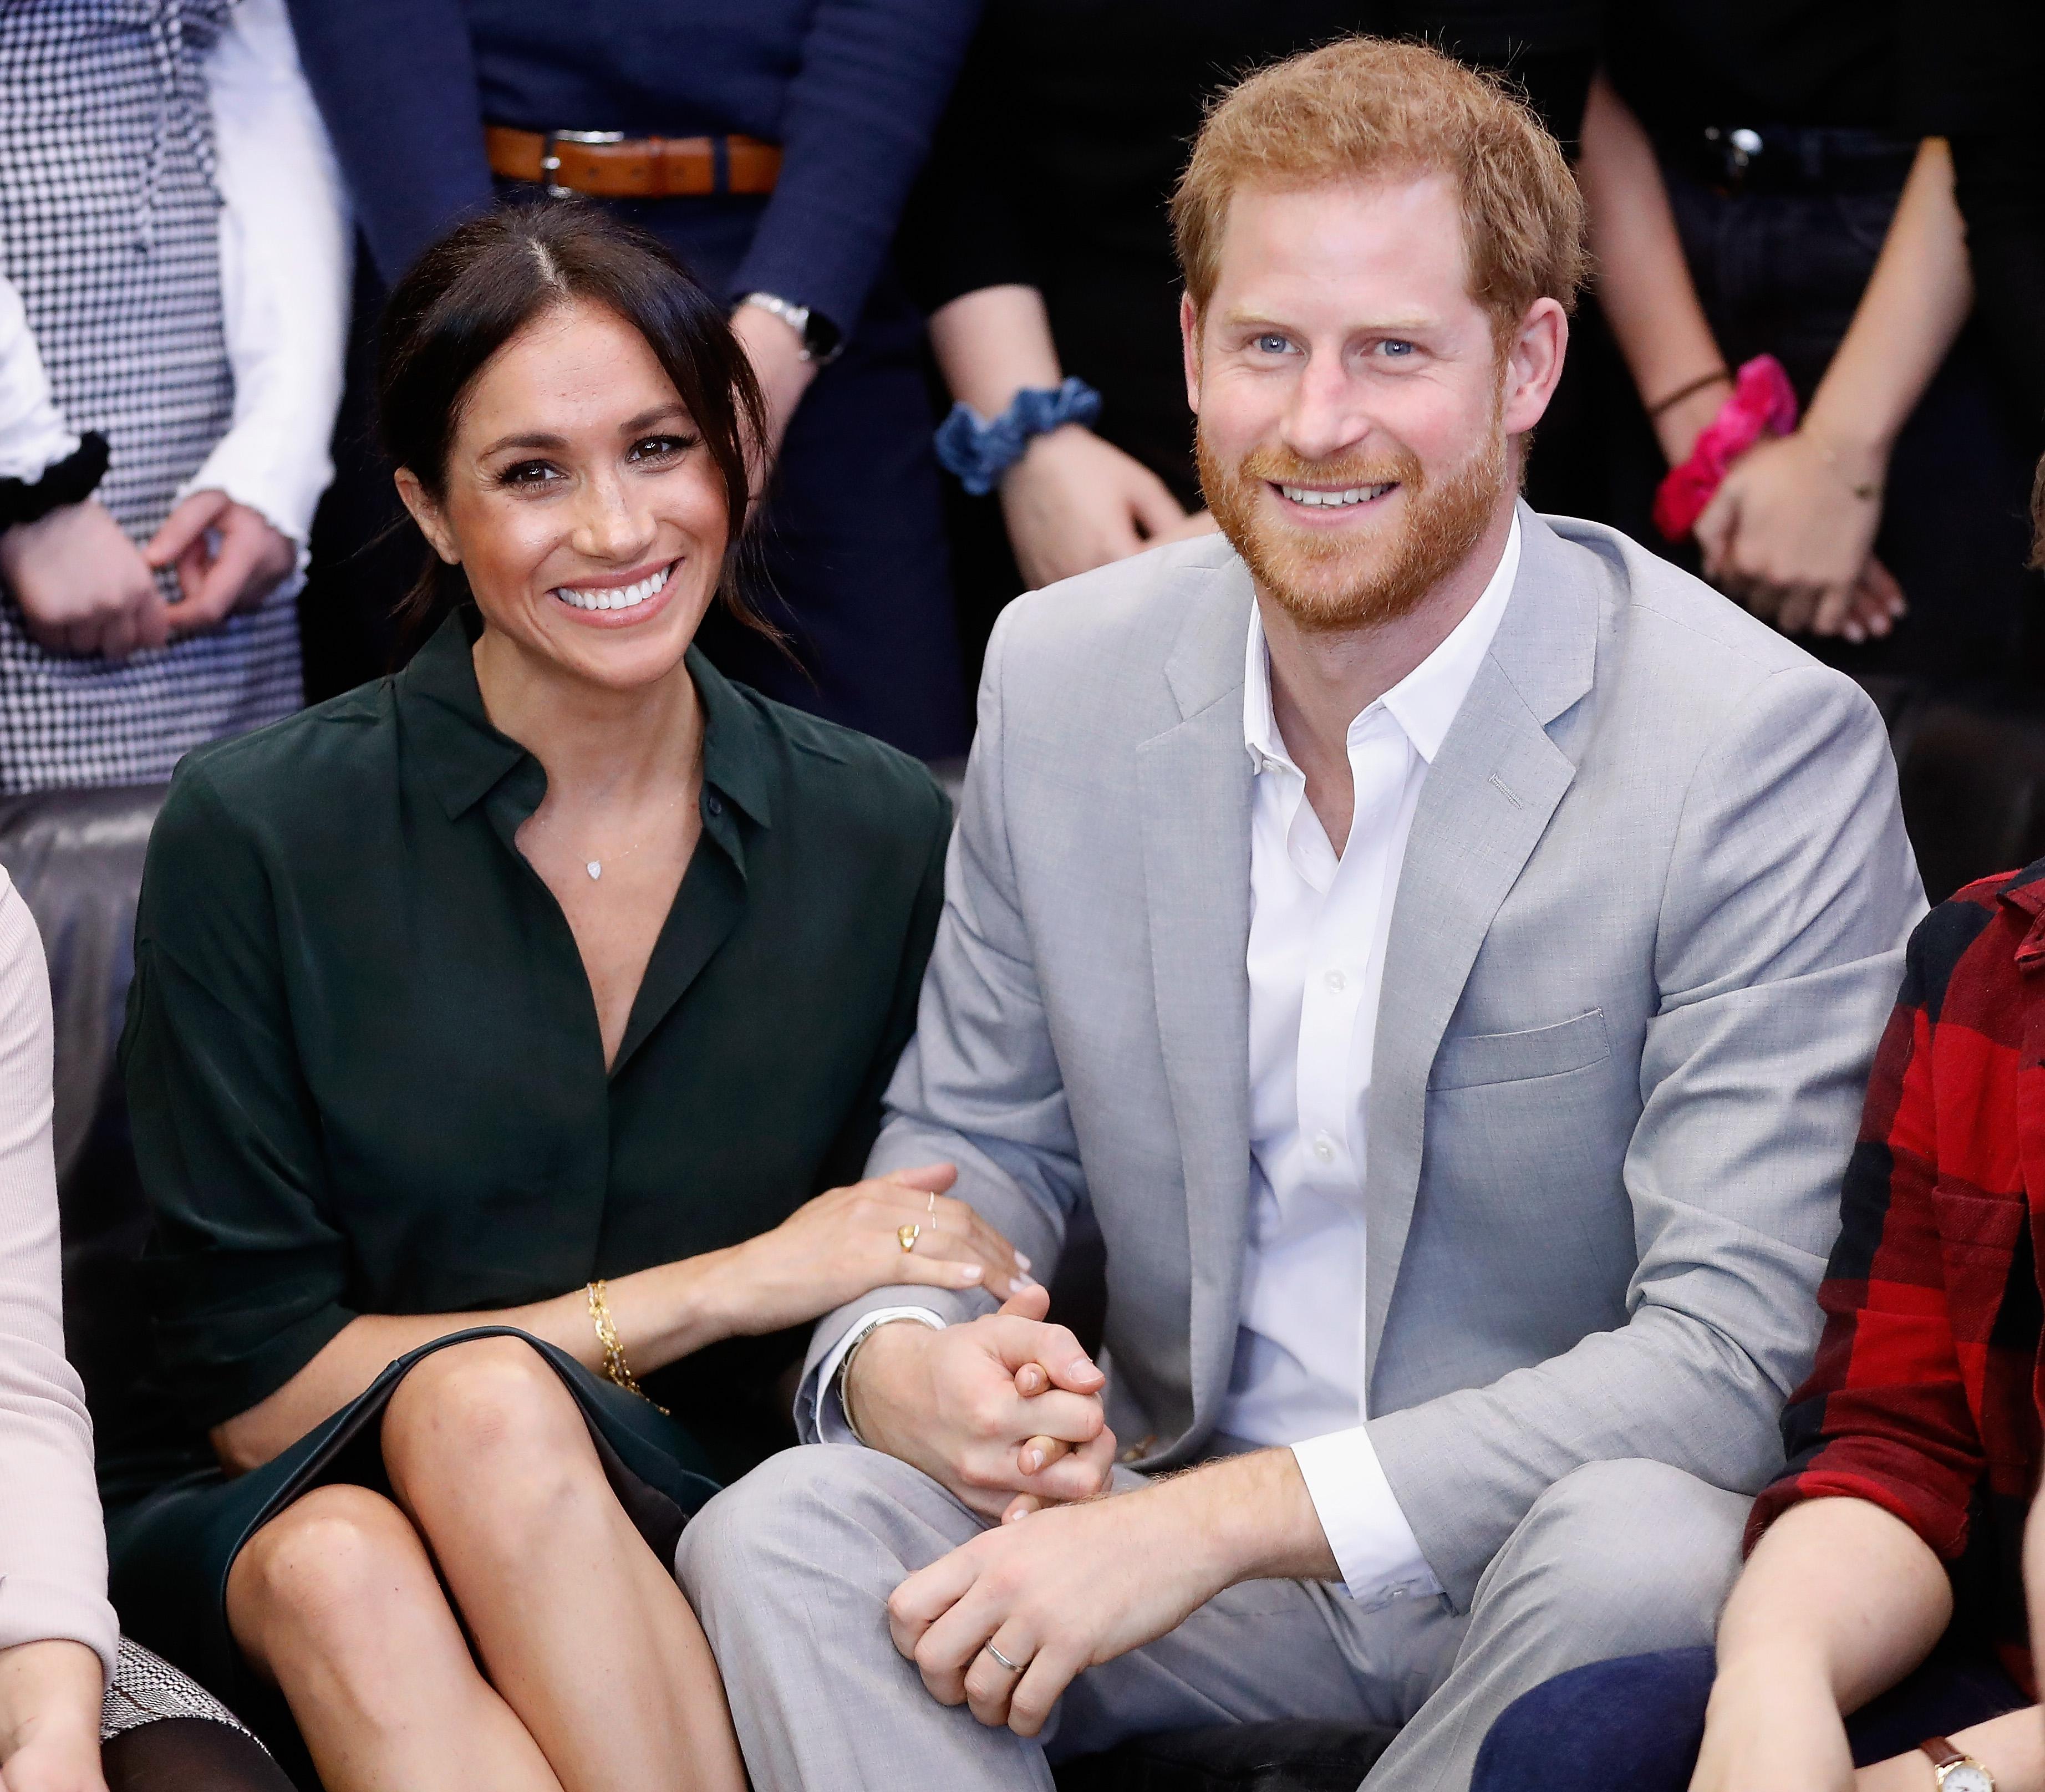 Меган Маркл и принц Гарри рассказали о жизни без королевских полномочий